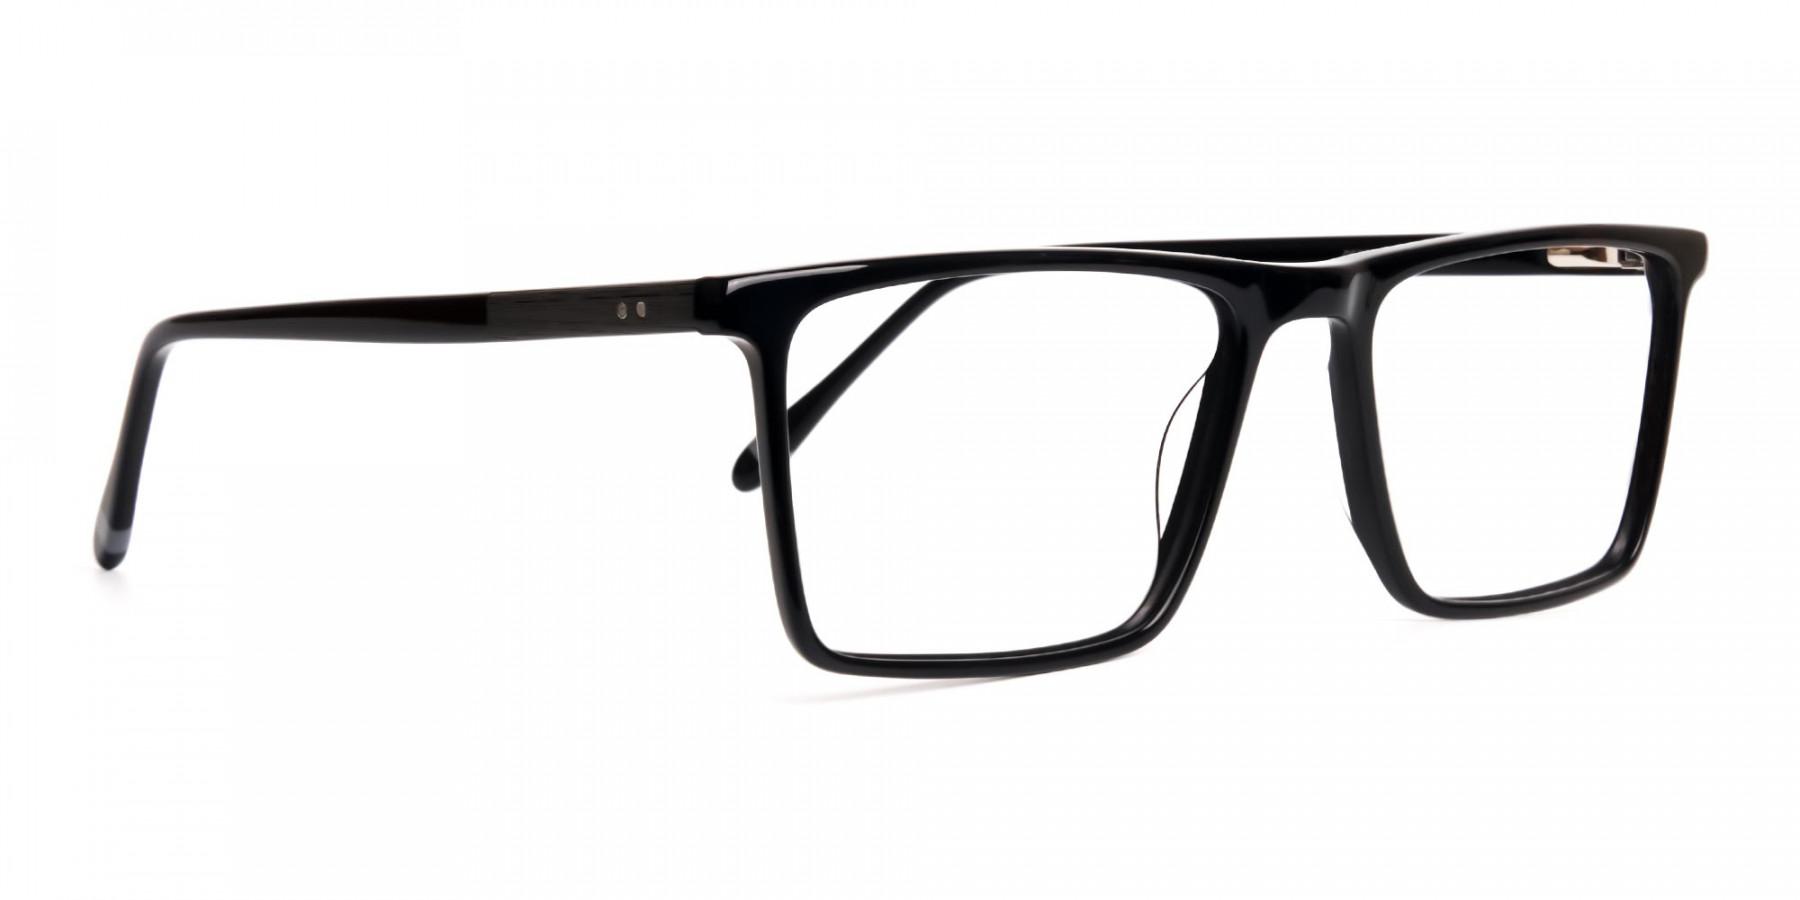 black-full-rim-rectangular-glasses-frames-1